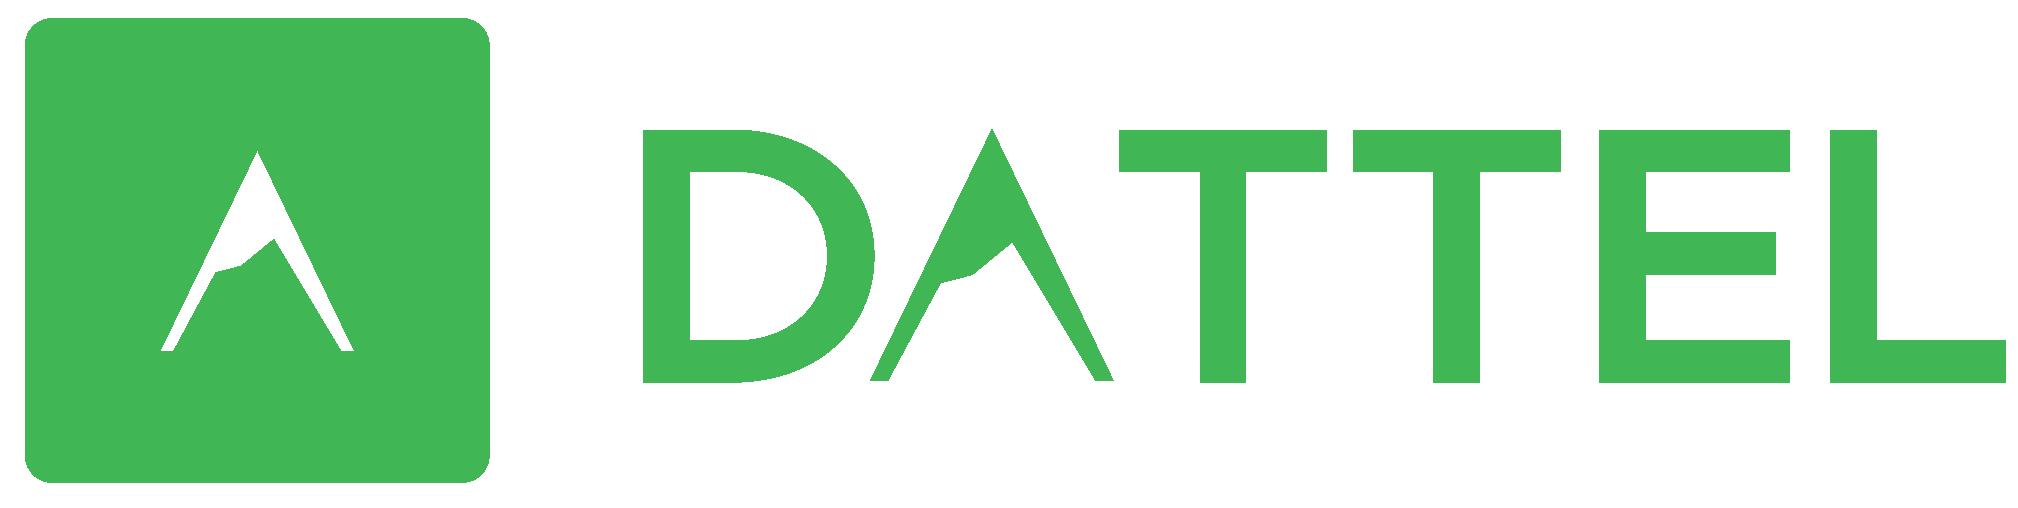 Copy of Trademark II